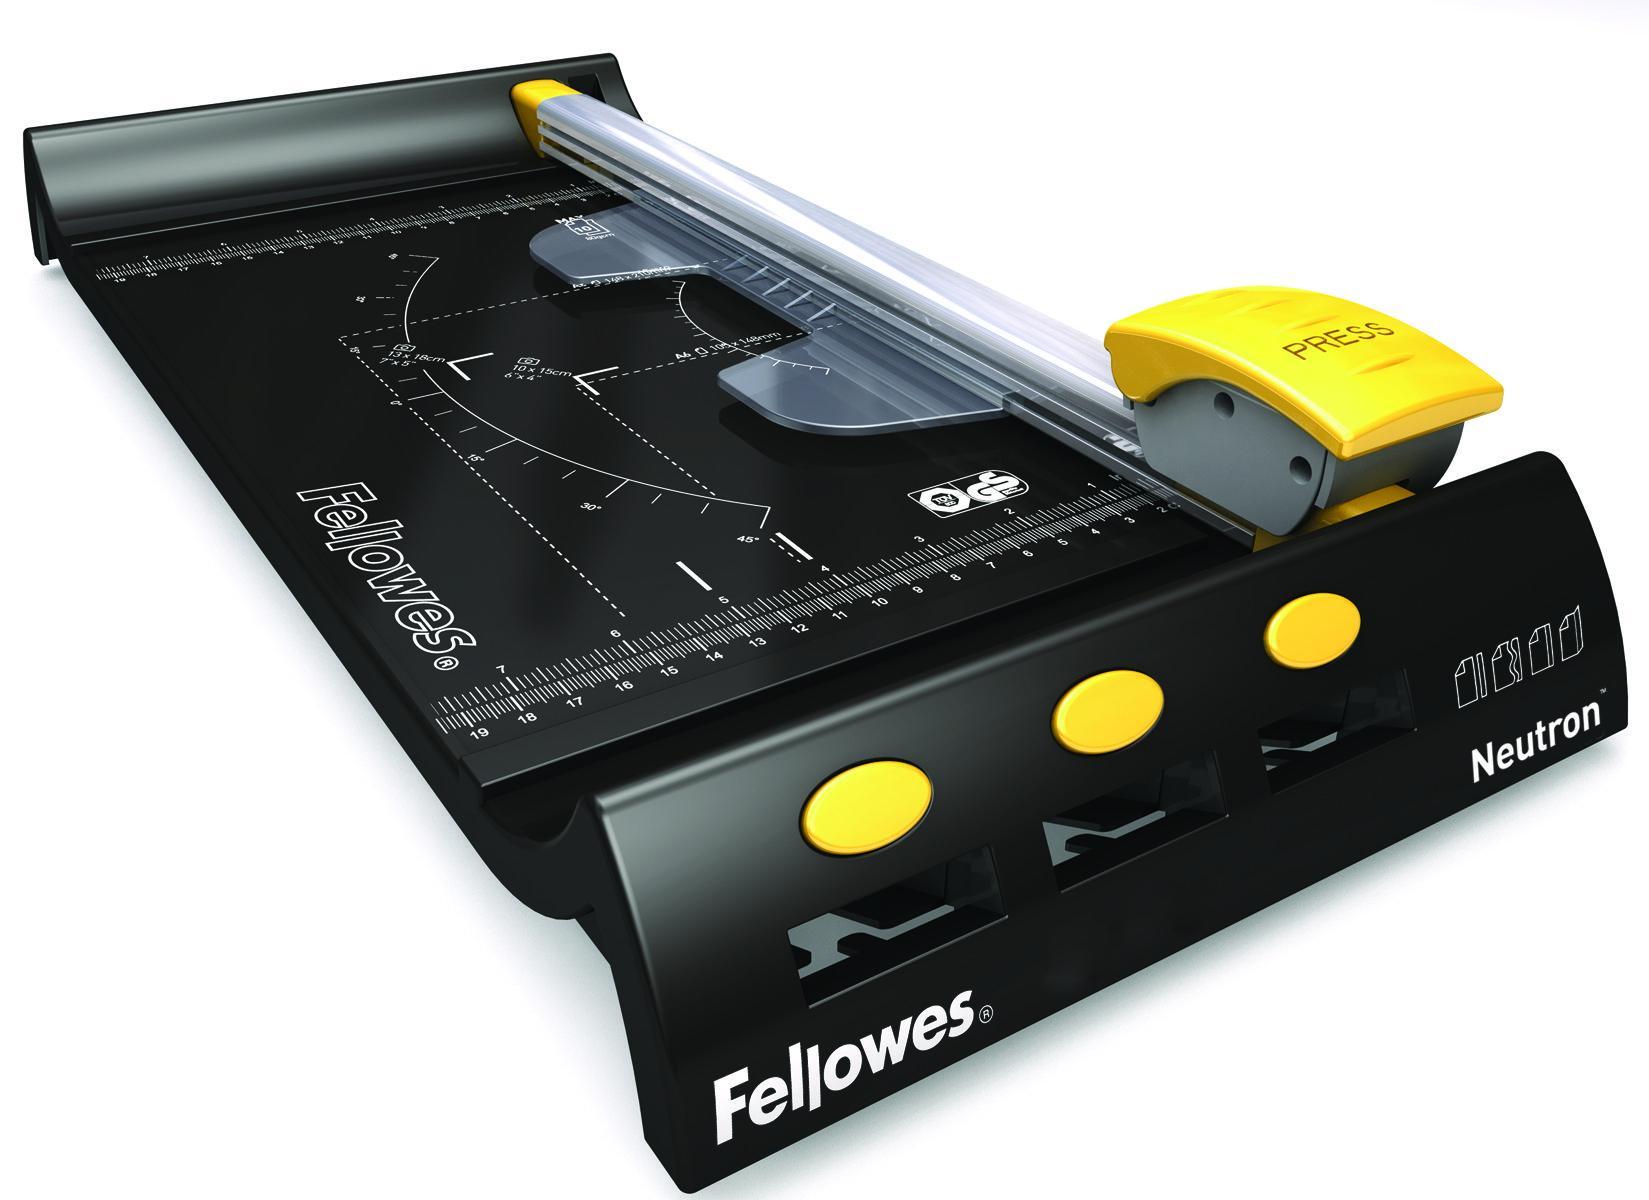 Fellowes Neutron A4 (CRC54100)